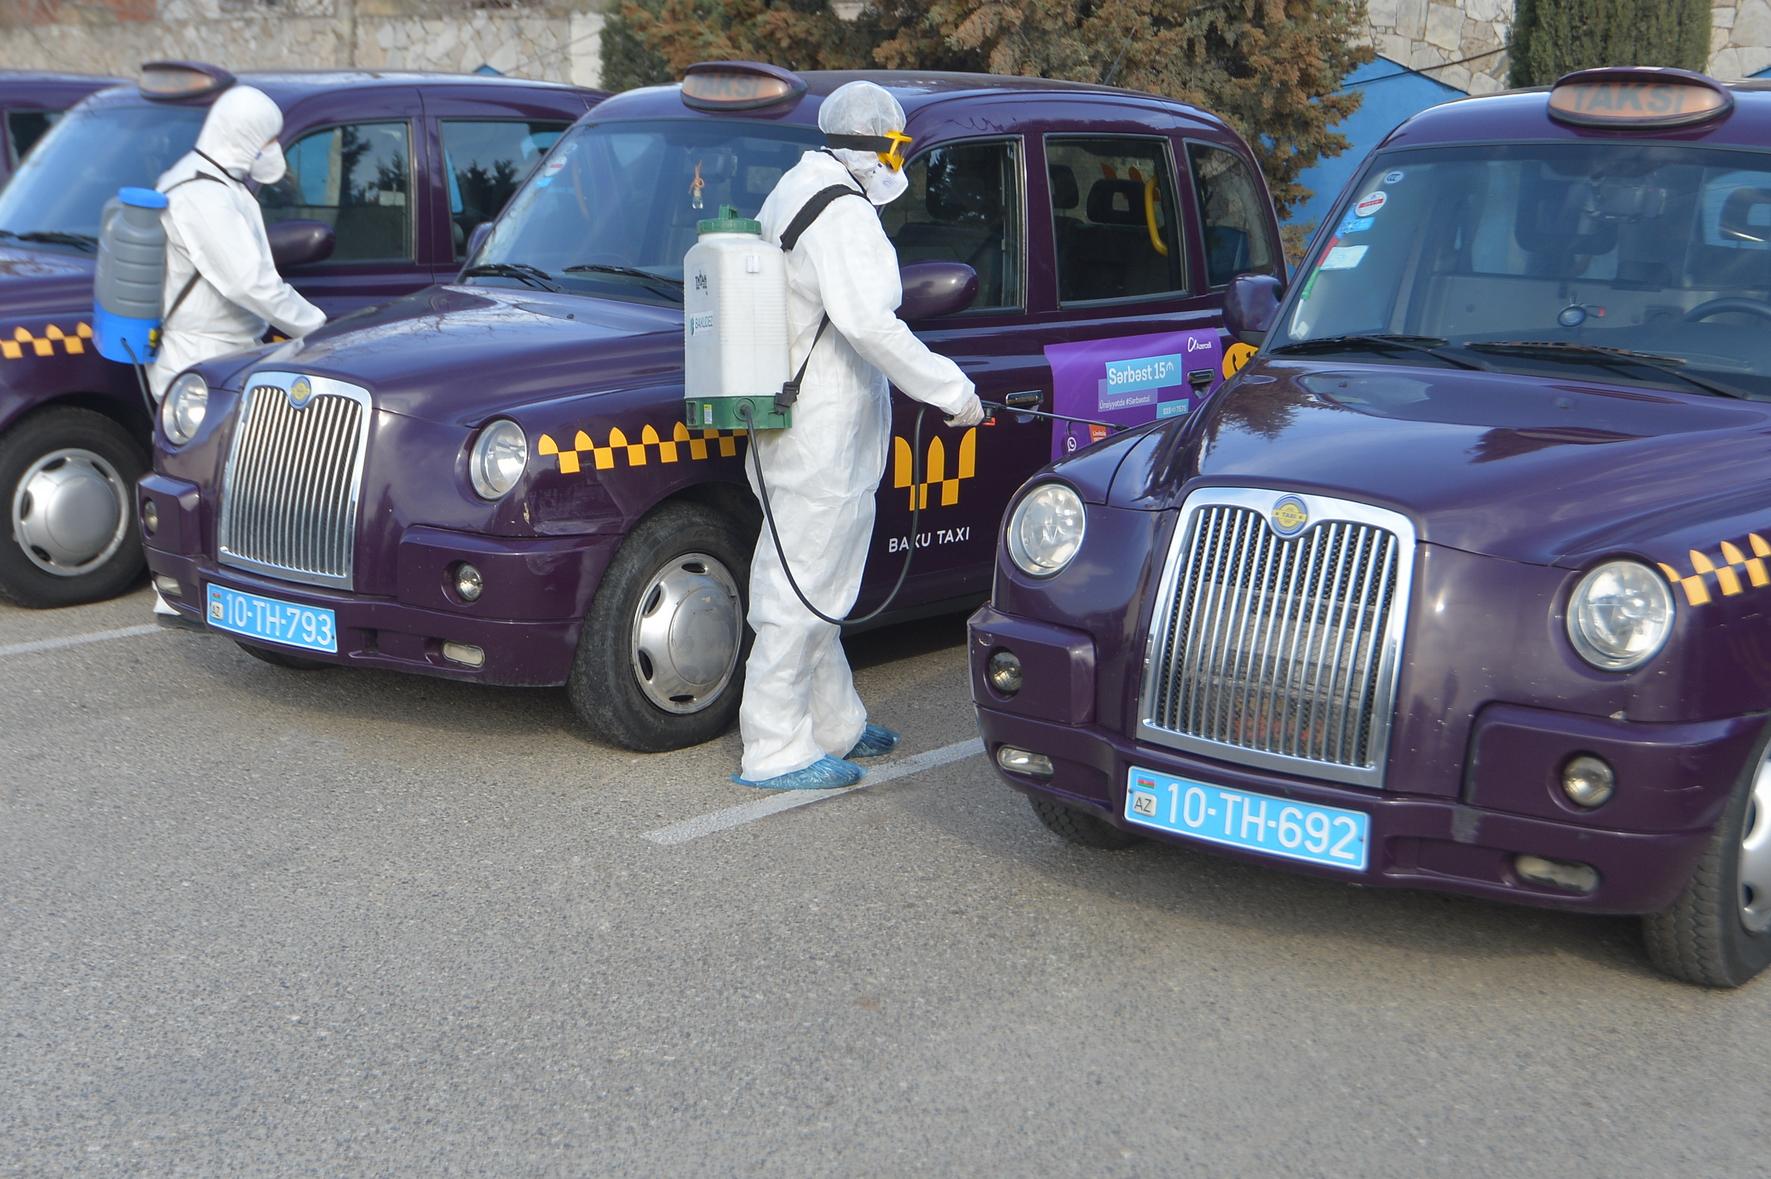 bakı taksi xidməti